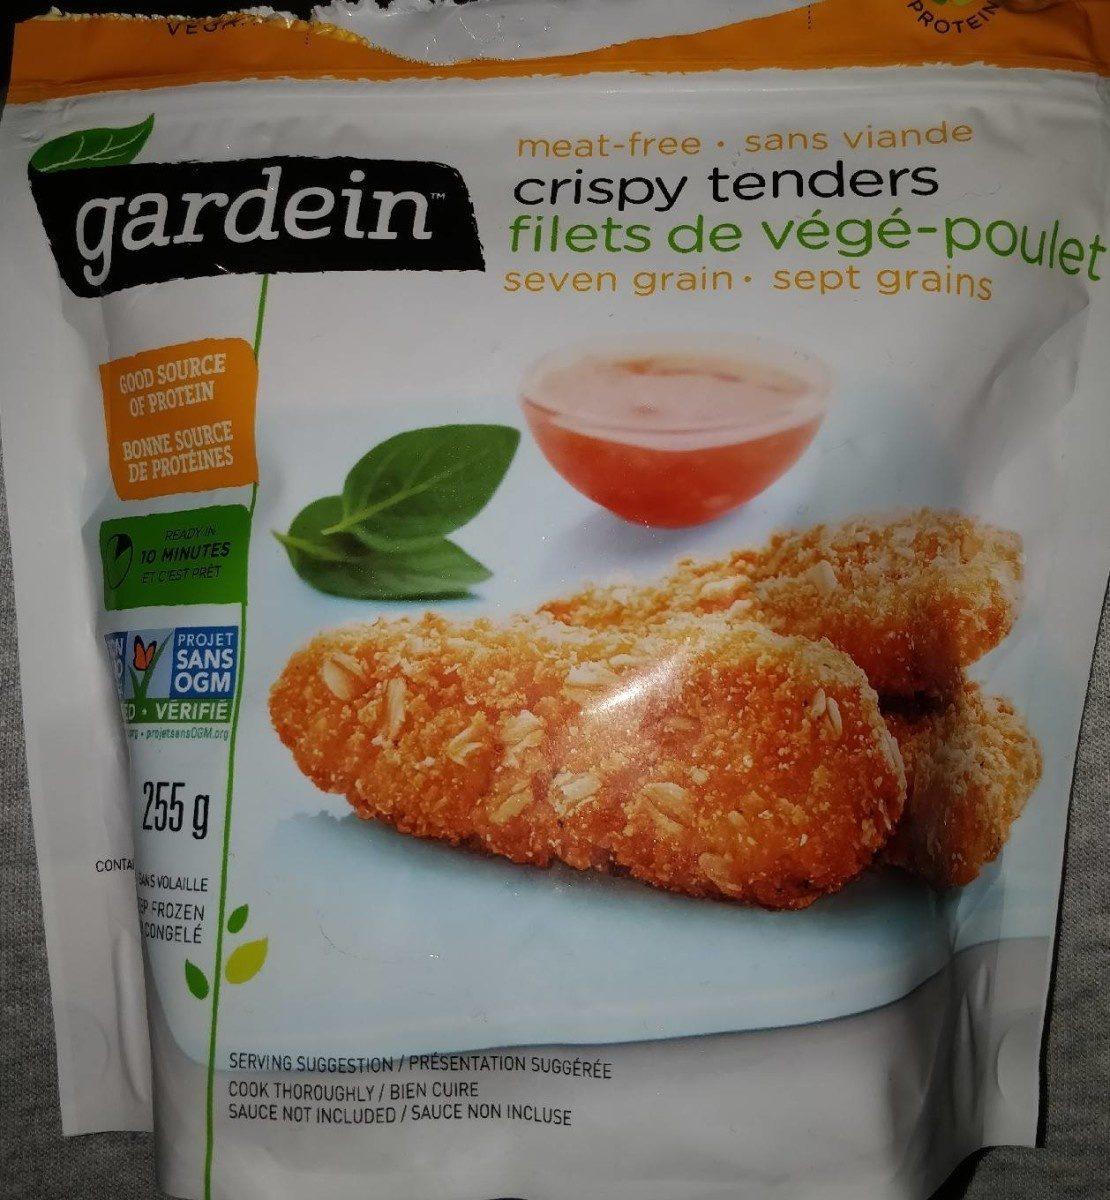 Filets de végés-poulets (sans viande) - Produit - fr